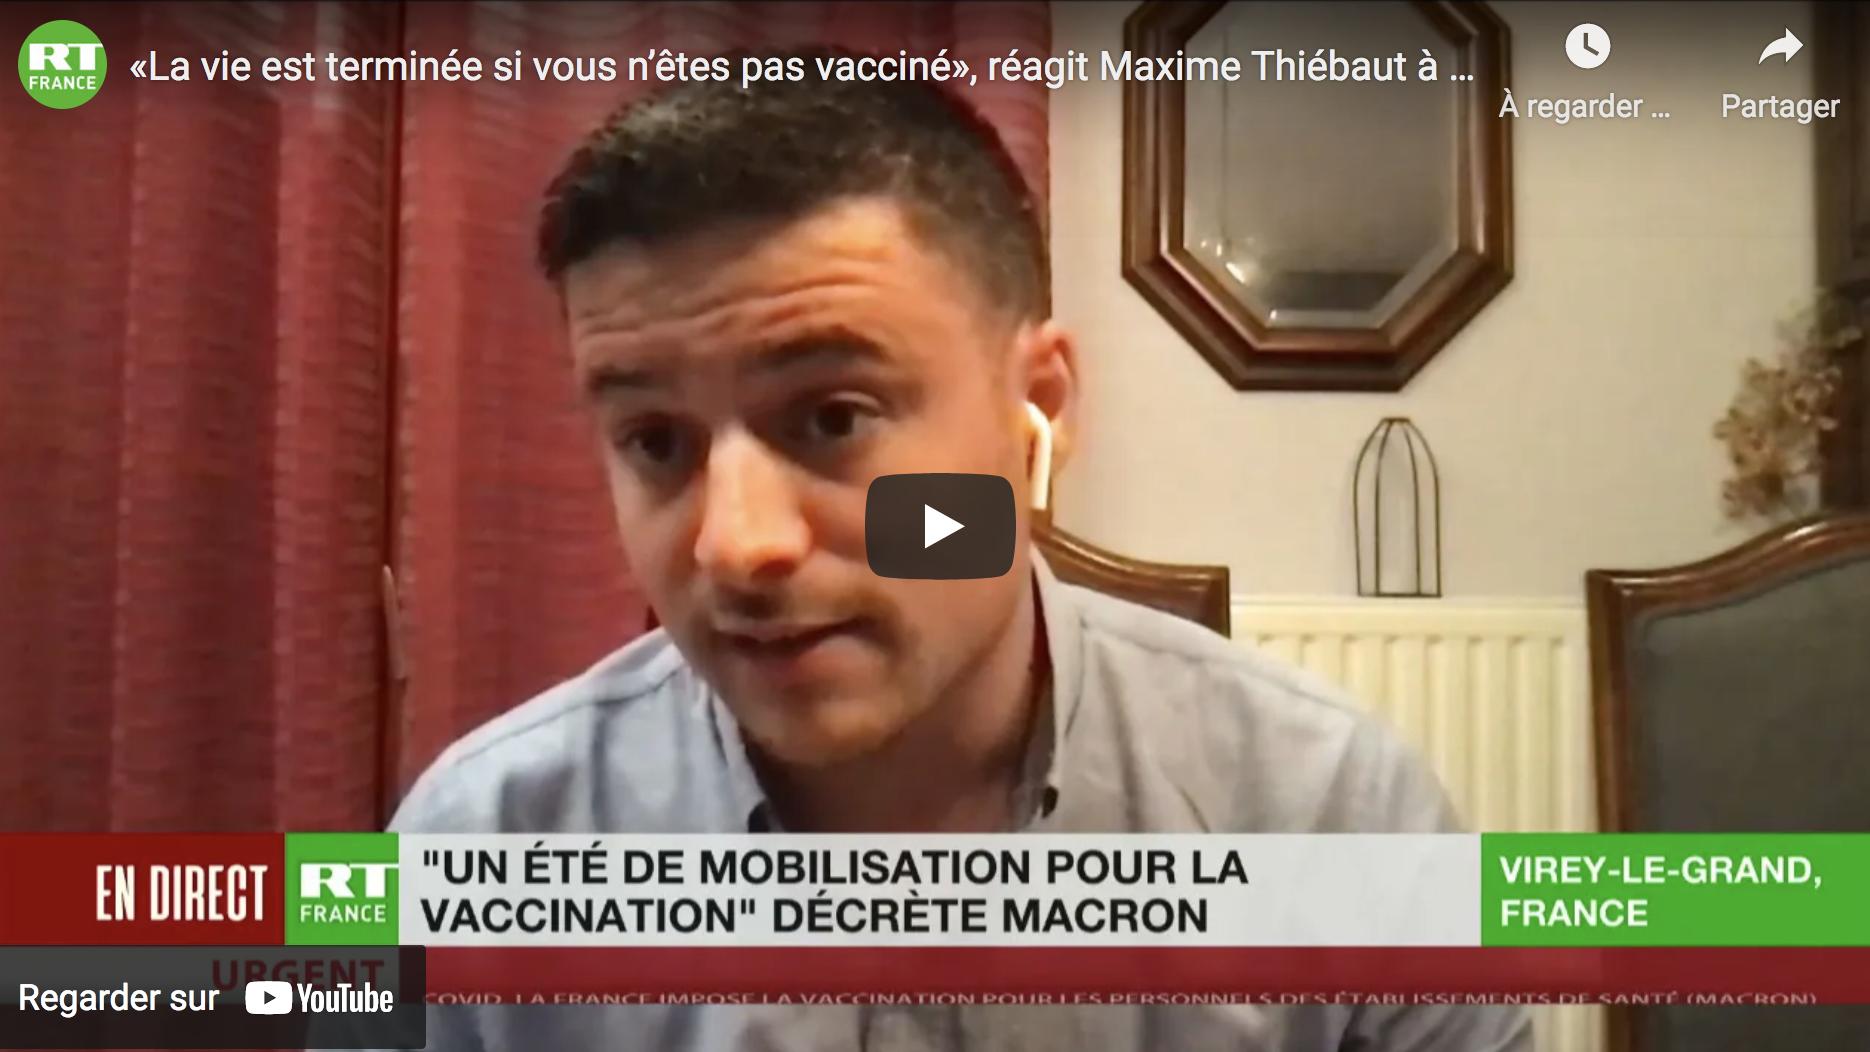 « La vie est terminée si vous n'êtes pas vacciné », réagit Maxime Thiébaut à l'allocution de Macron (VIDÉO)